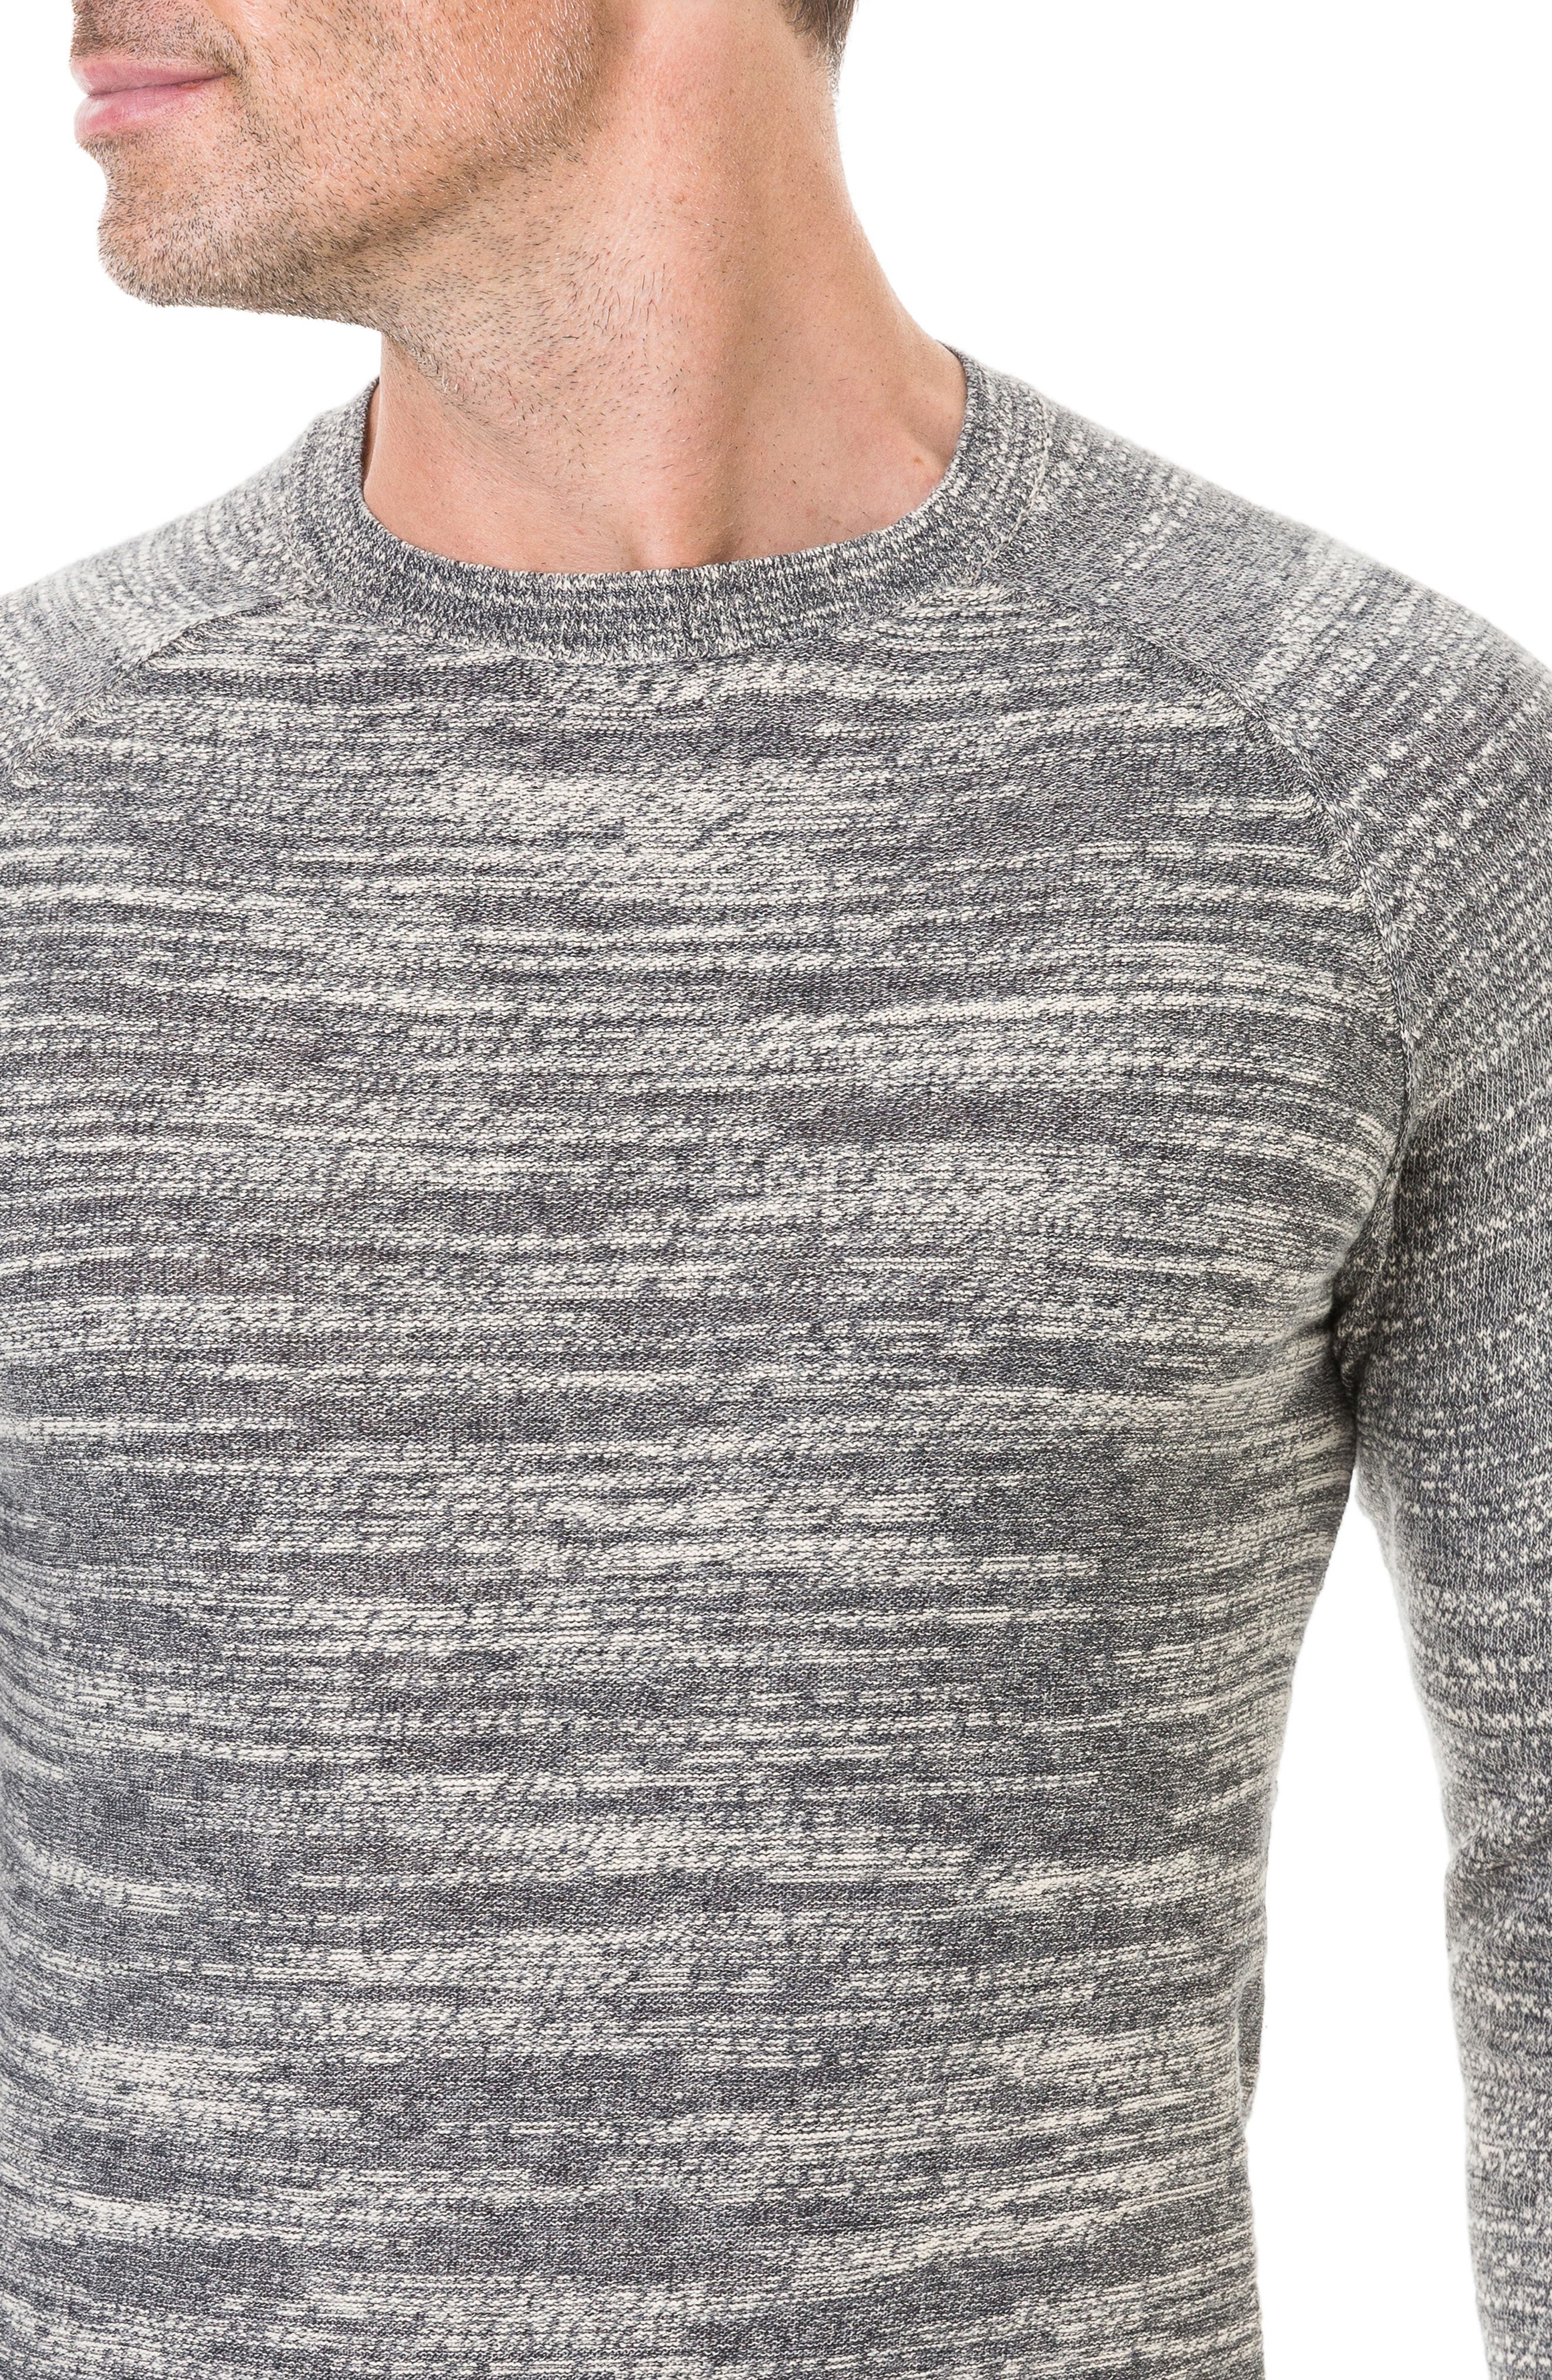 Atley Road Regular Fit Raglan Shirt,                             Alternate thumbnail 4, color,                             GRANITE